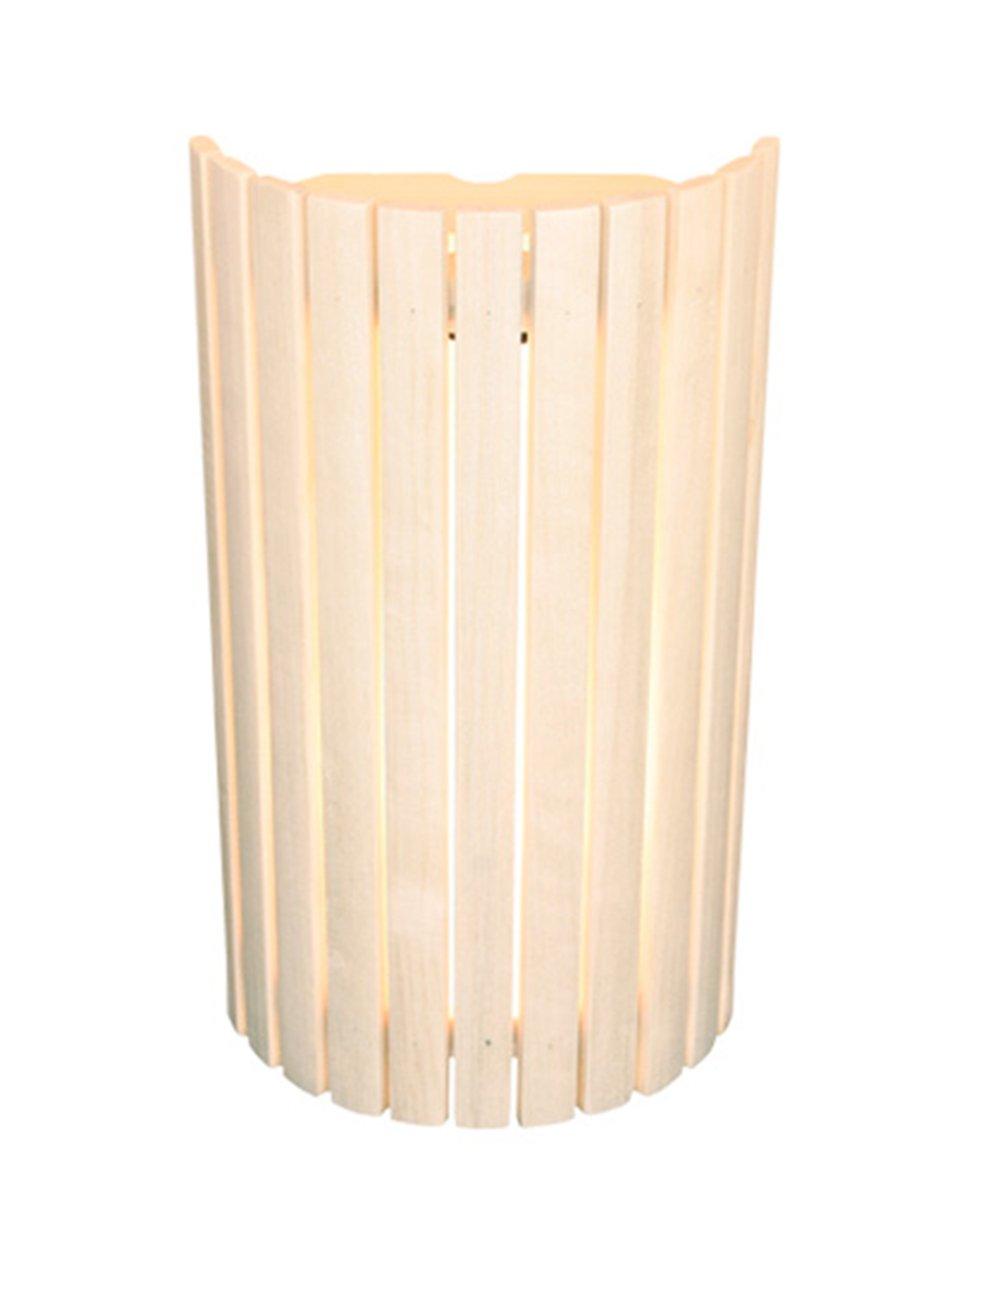 Saunalampe Blendschirm aus Holz f/ür blendfreies Licht in der Sauna WelaSol /® Sauna Lampenschirm 914 Lampenschutz